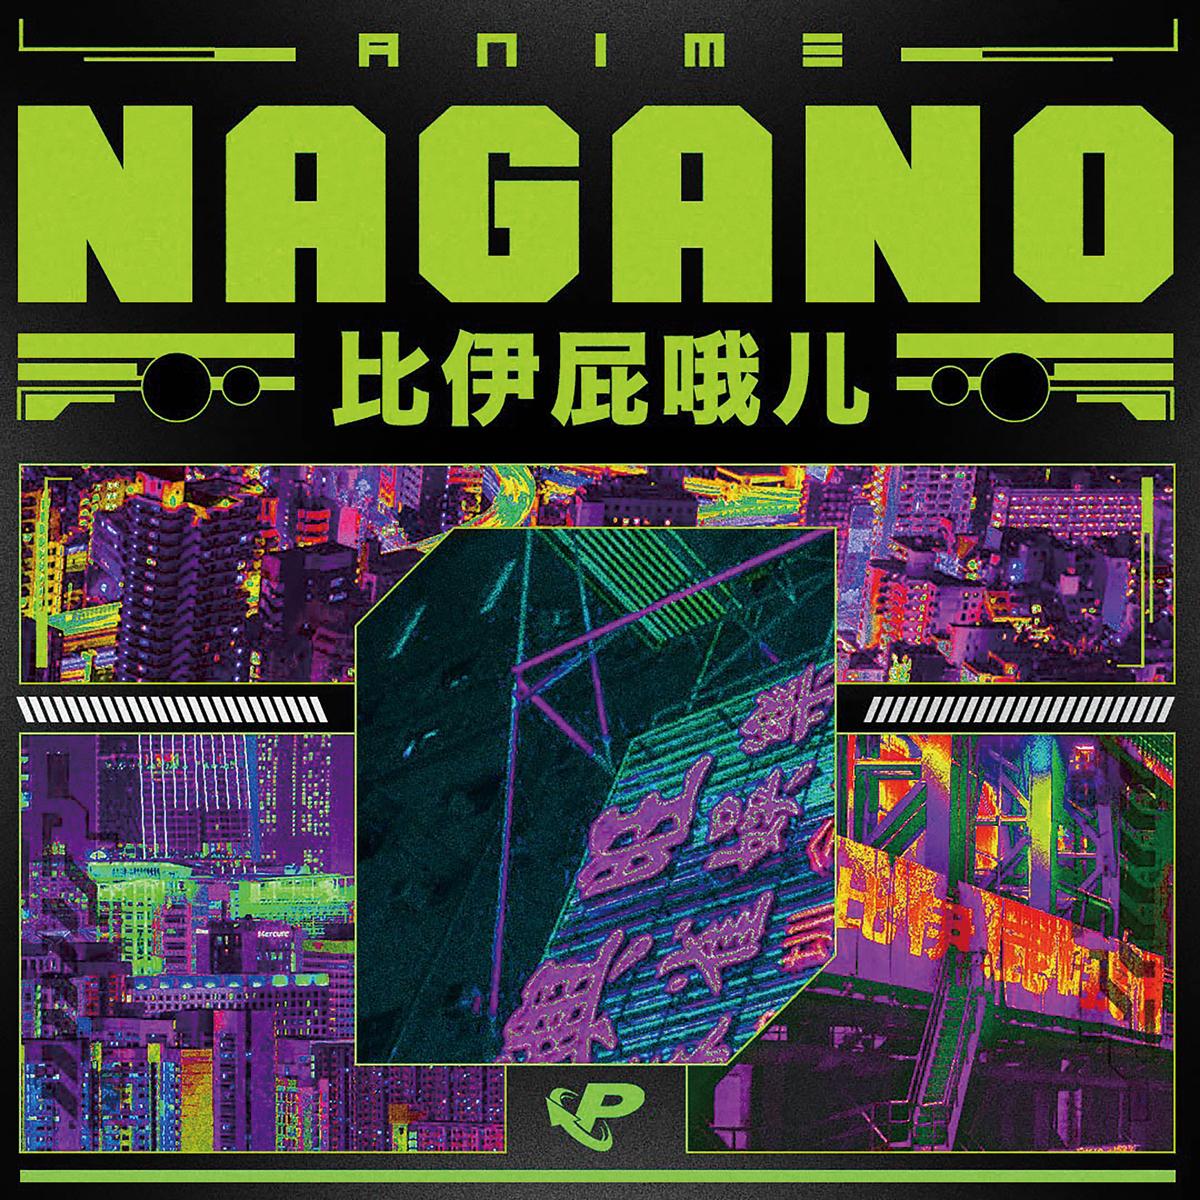 PRIME LOOPSより音源ライブラリー『NAGANO -ANIME MELODIES』がリリースされた